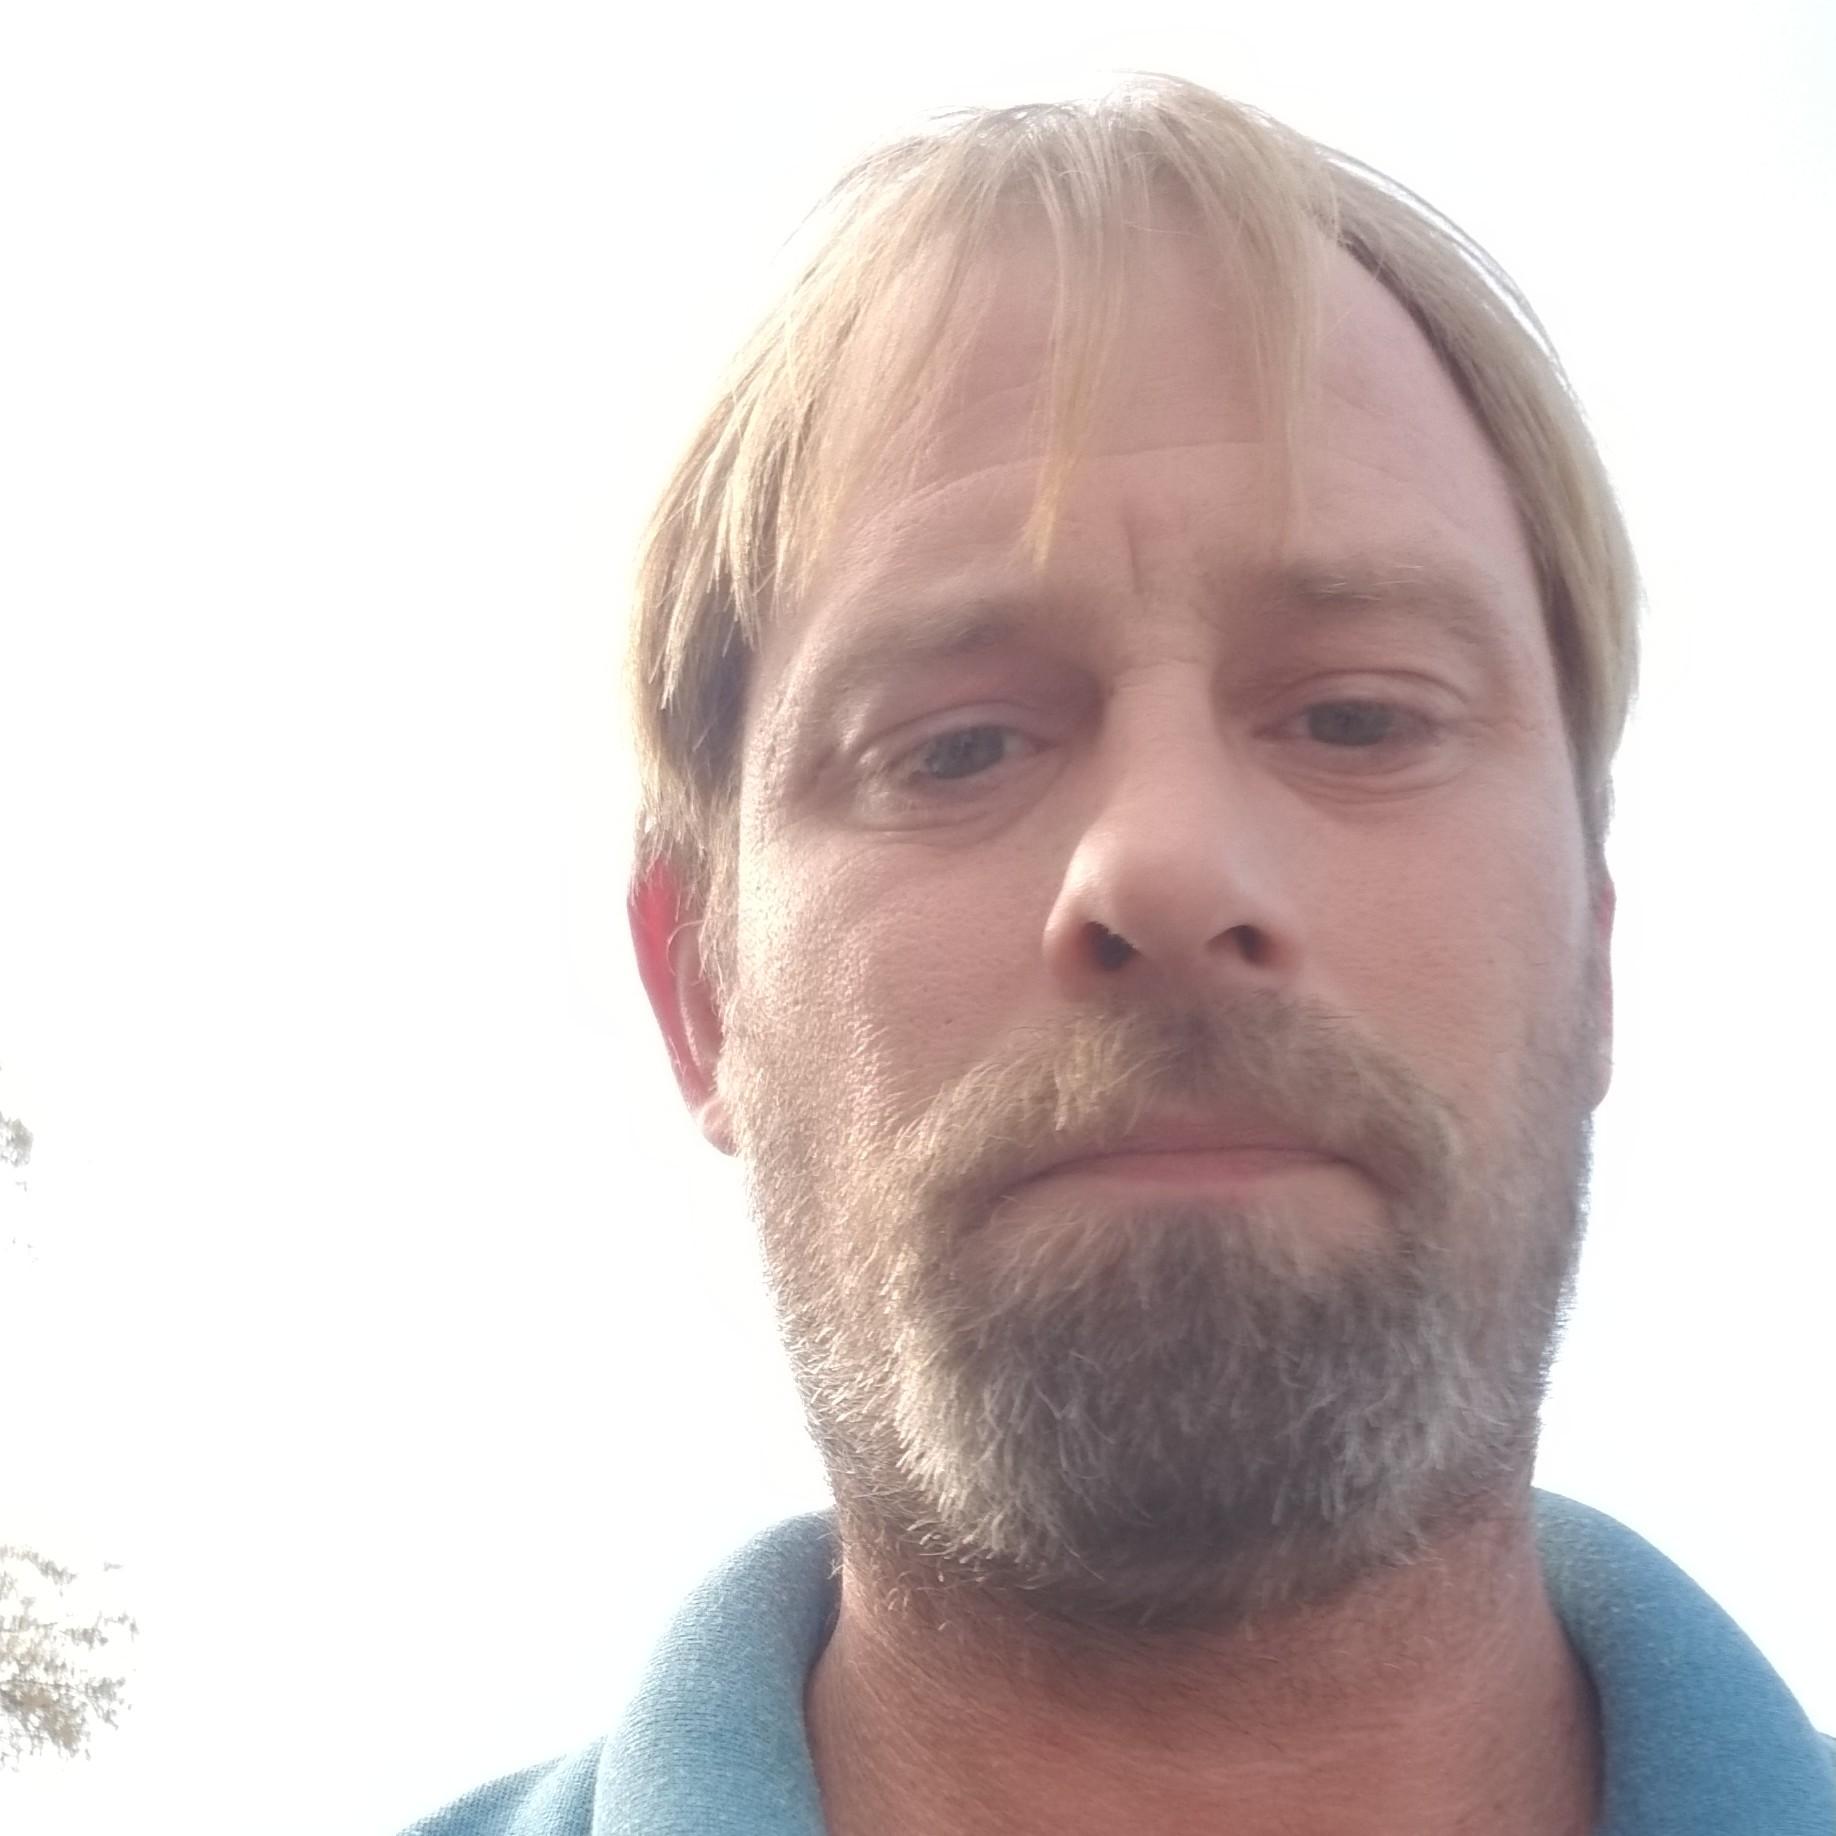 http://catch-app.oss-us-east-1.aliyuncs.com/image/1623030908498-3c20249c-f36b-4062-b53a-016e9b540e73.jpg